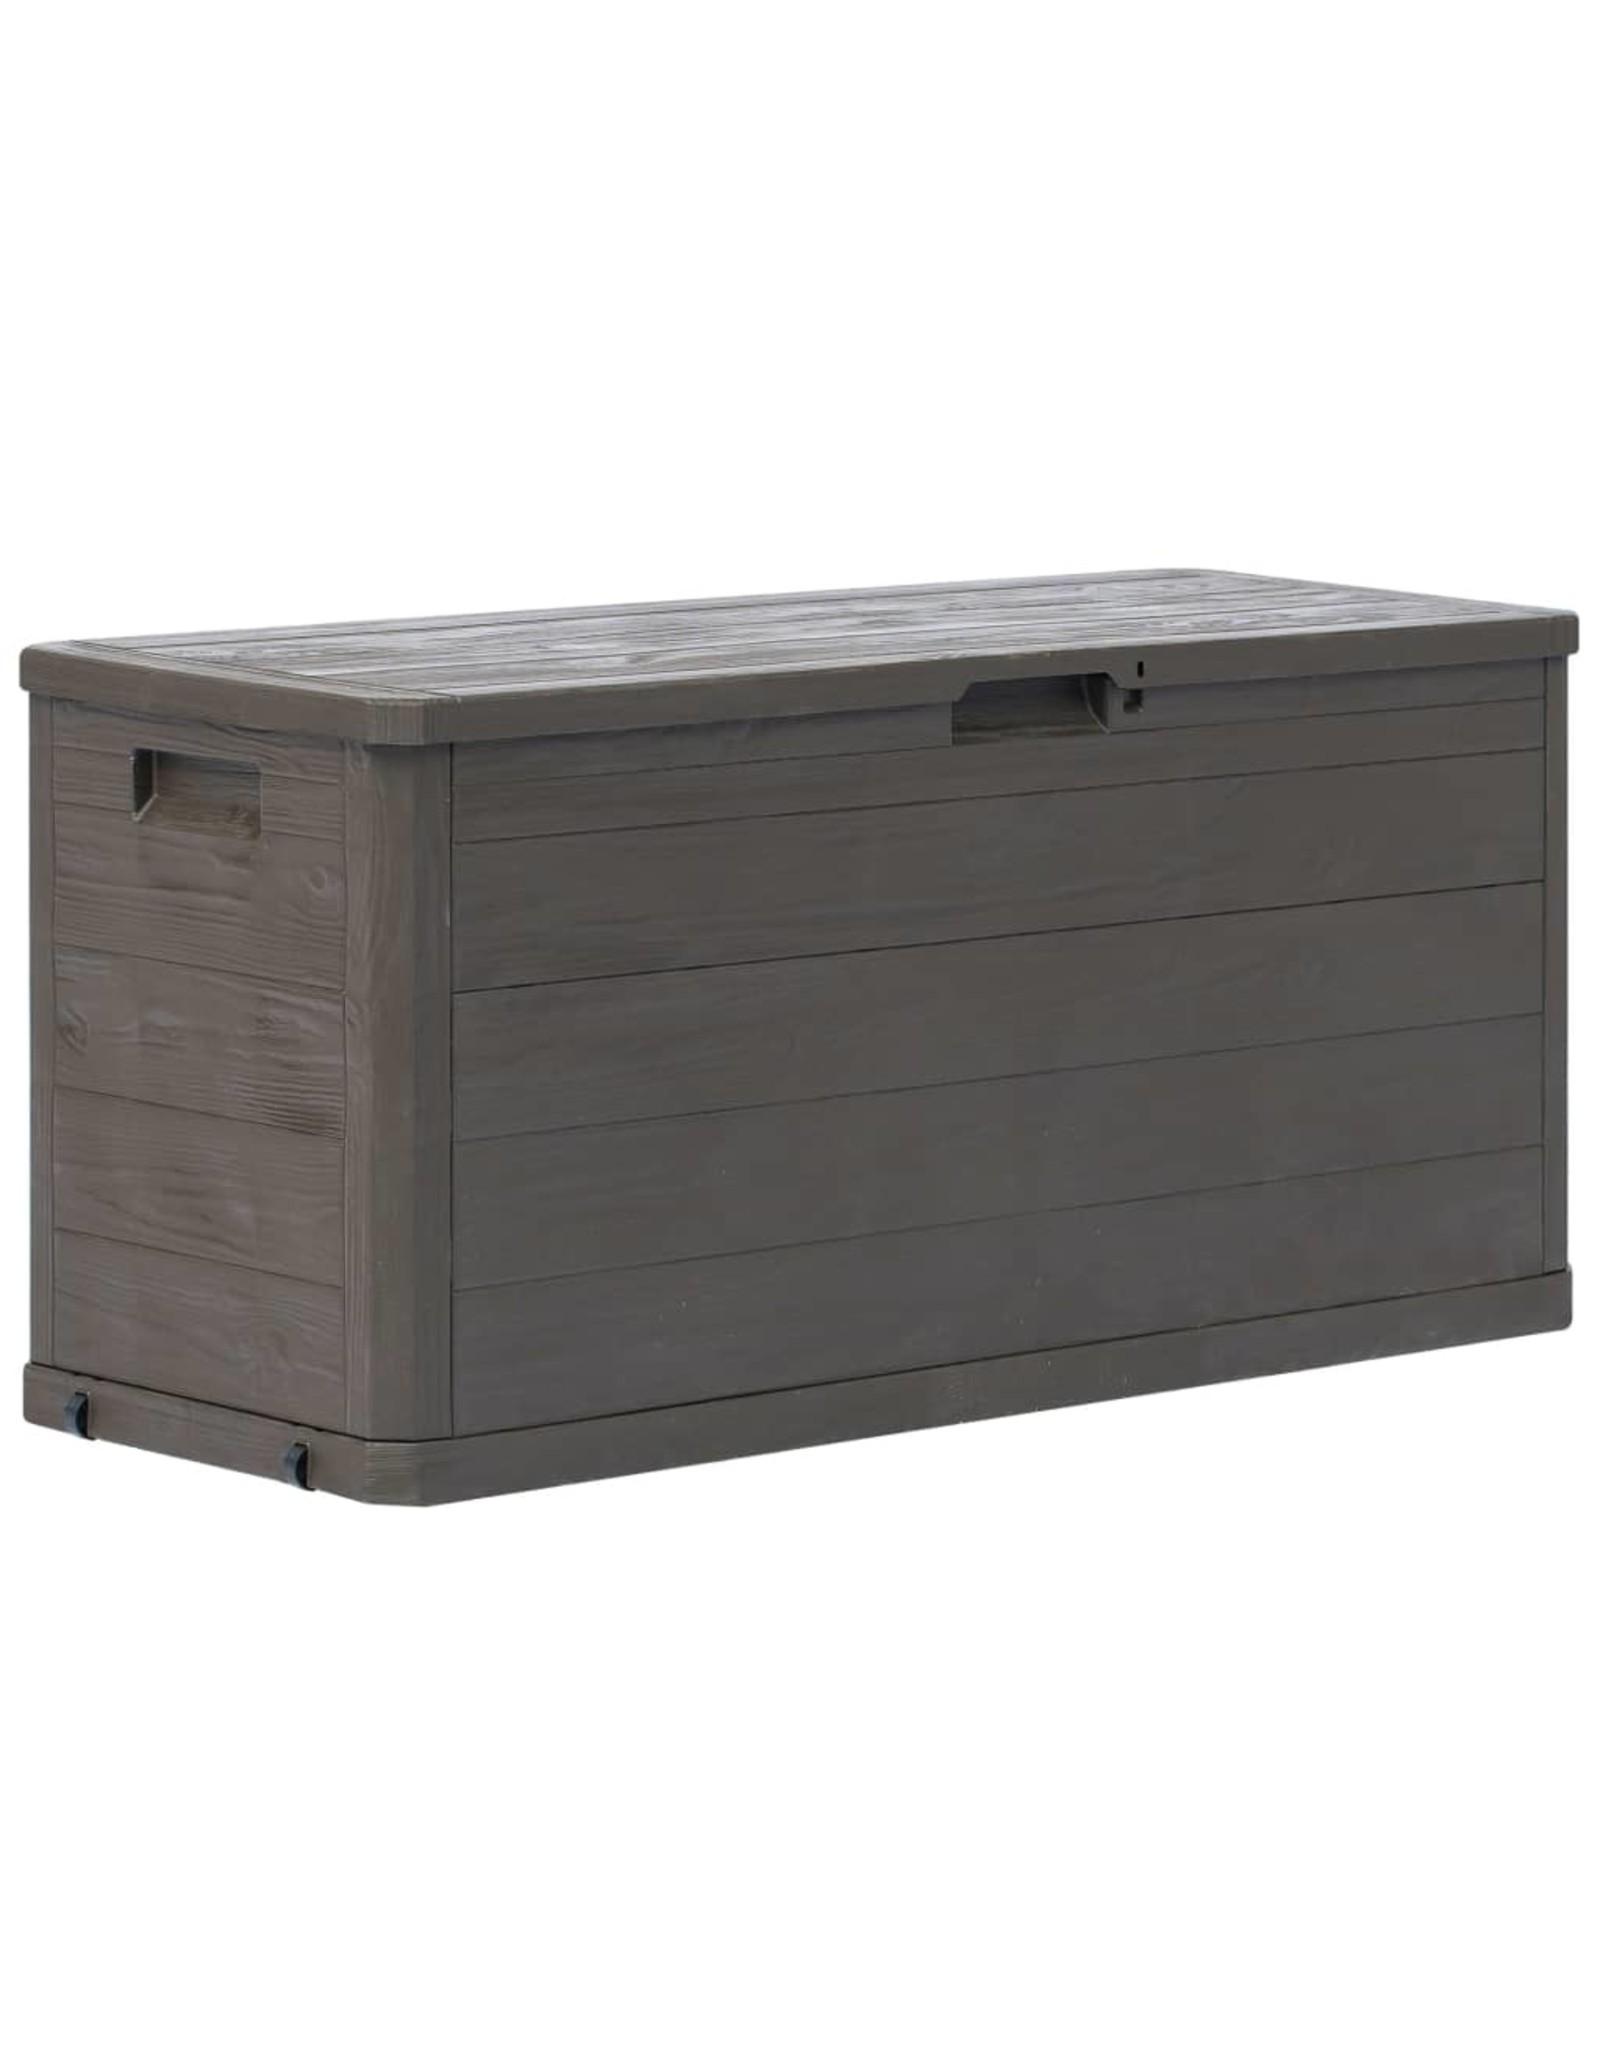 Tuinbox 280 L bruin